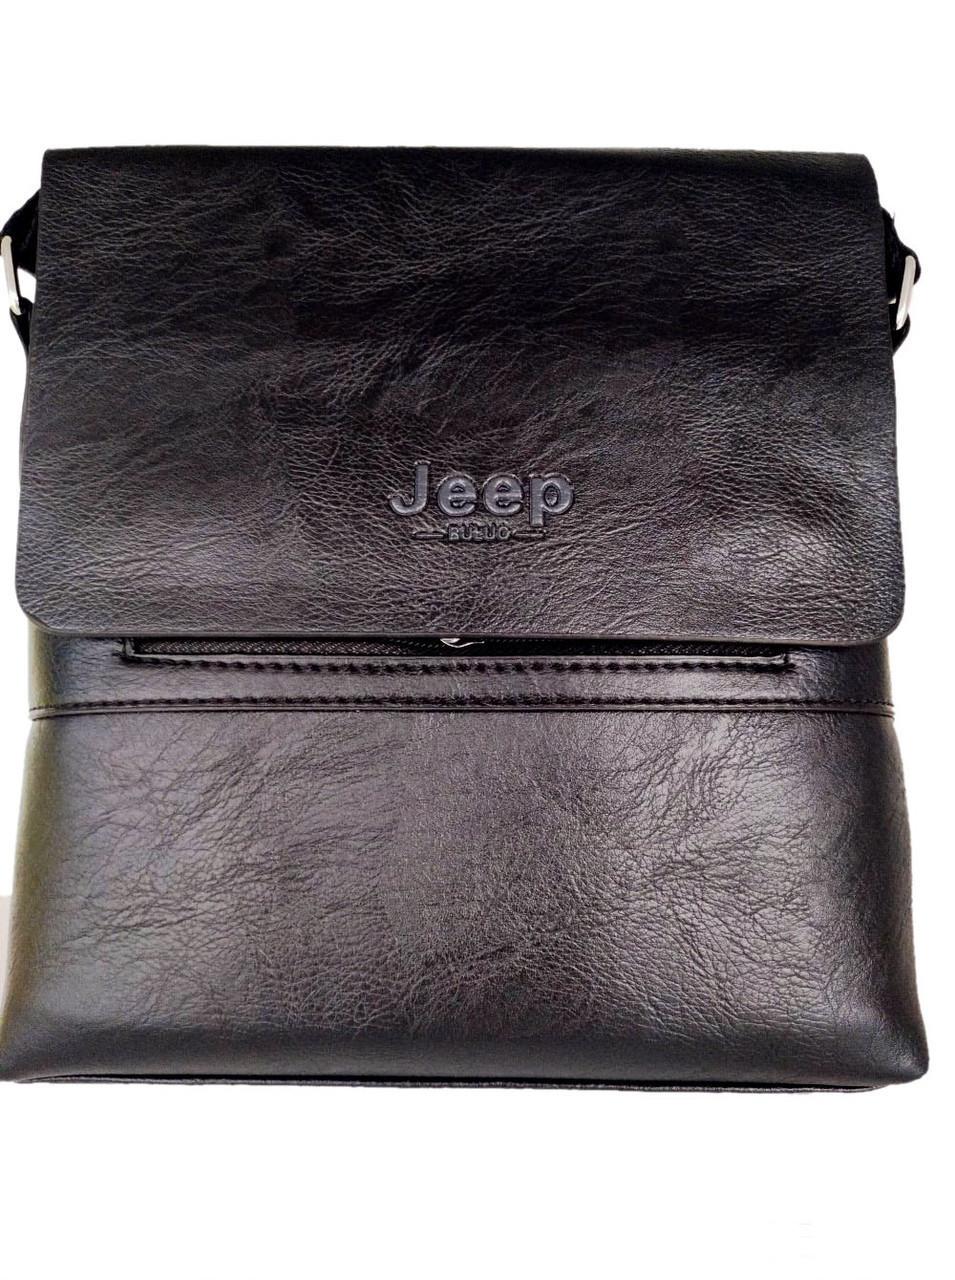 Чоловіча сумка Jeep Buluo 9008 | Чорна